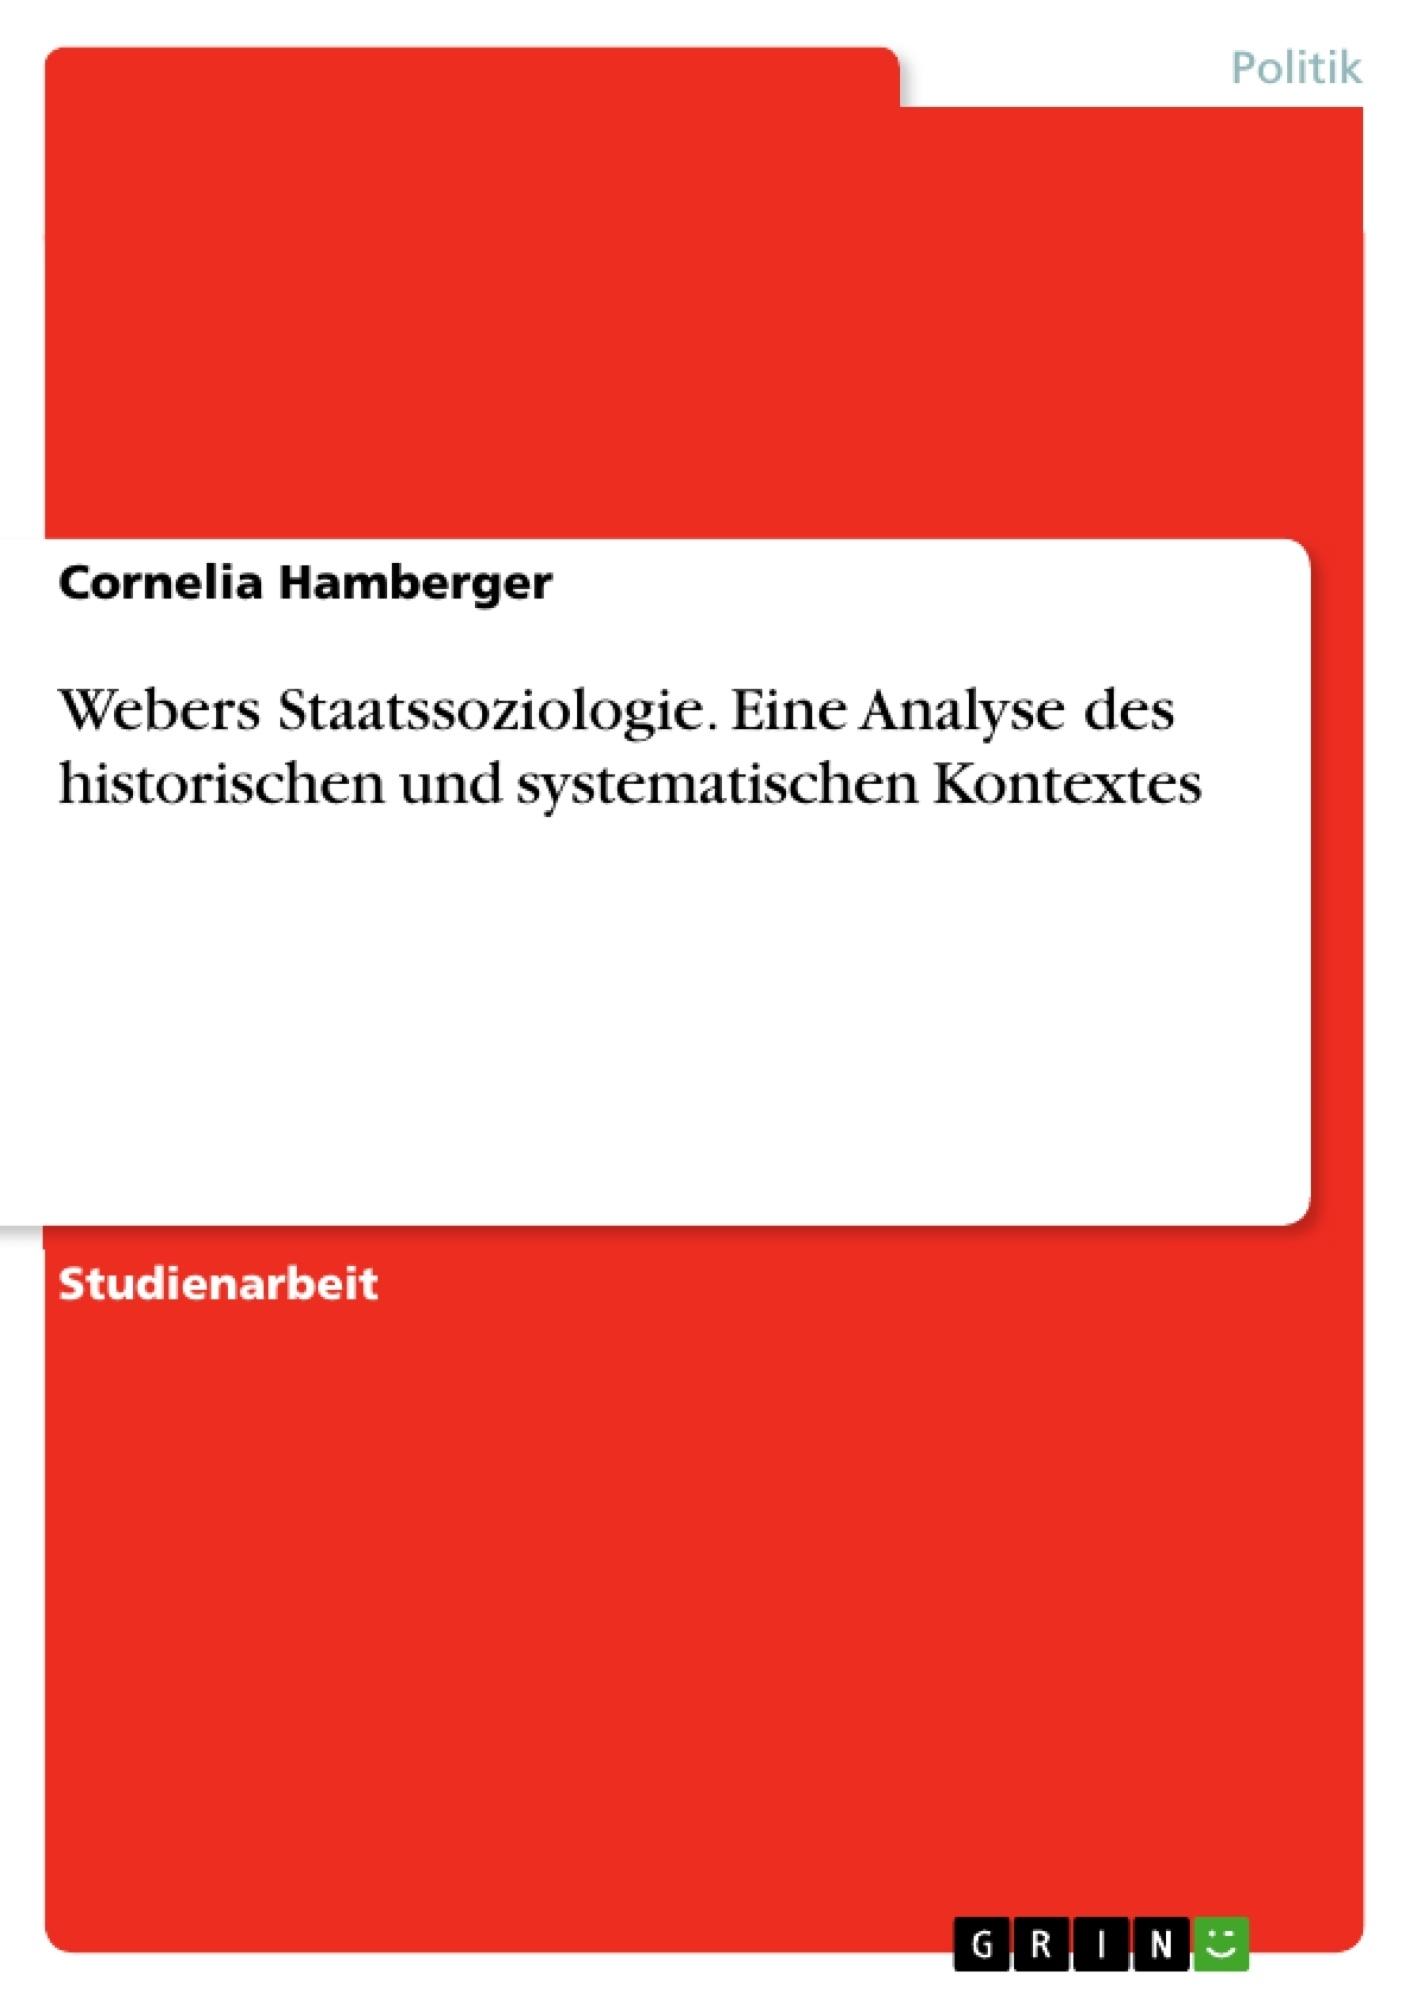 Titel: Webers Staatssoziologie. Eine Analyse des historischen und systematischen Kontextes